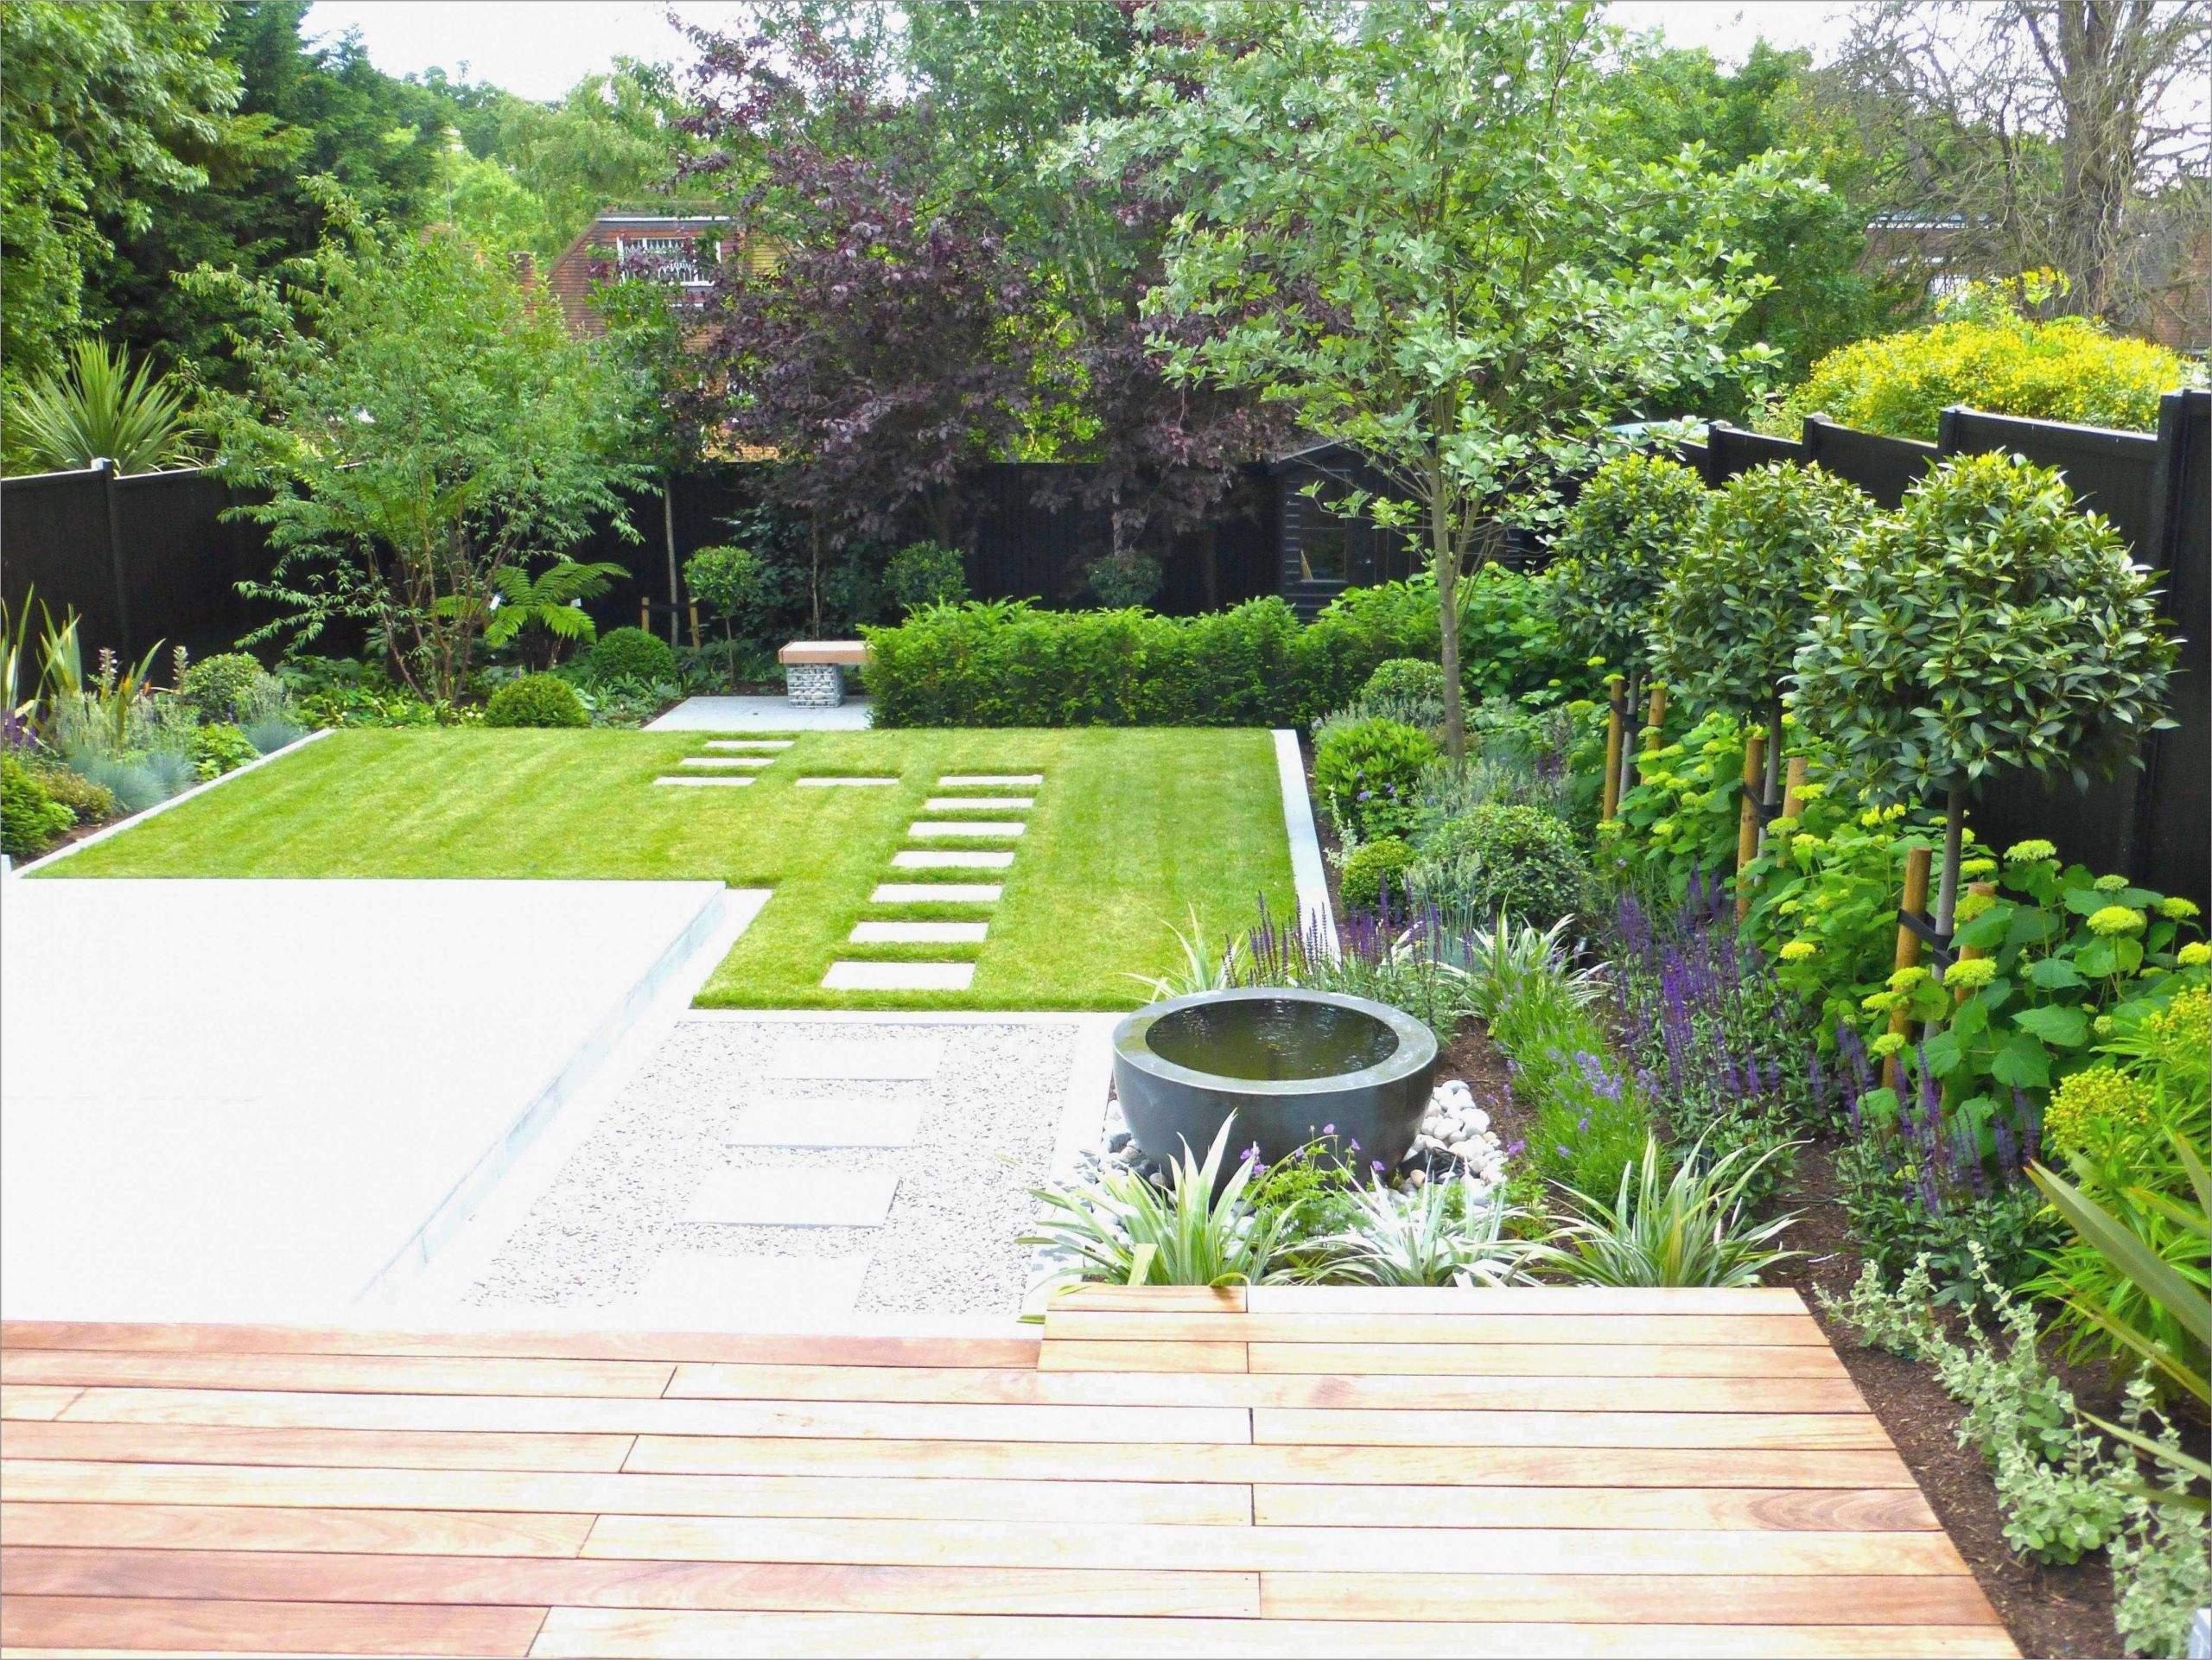 Garten Sitzecke Selber Bauen Inspirierend 40 Einzigartig Grillplatz Im Garten Selber Bauen Das Beste